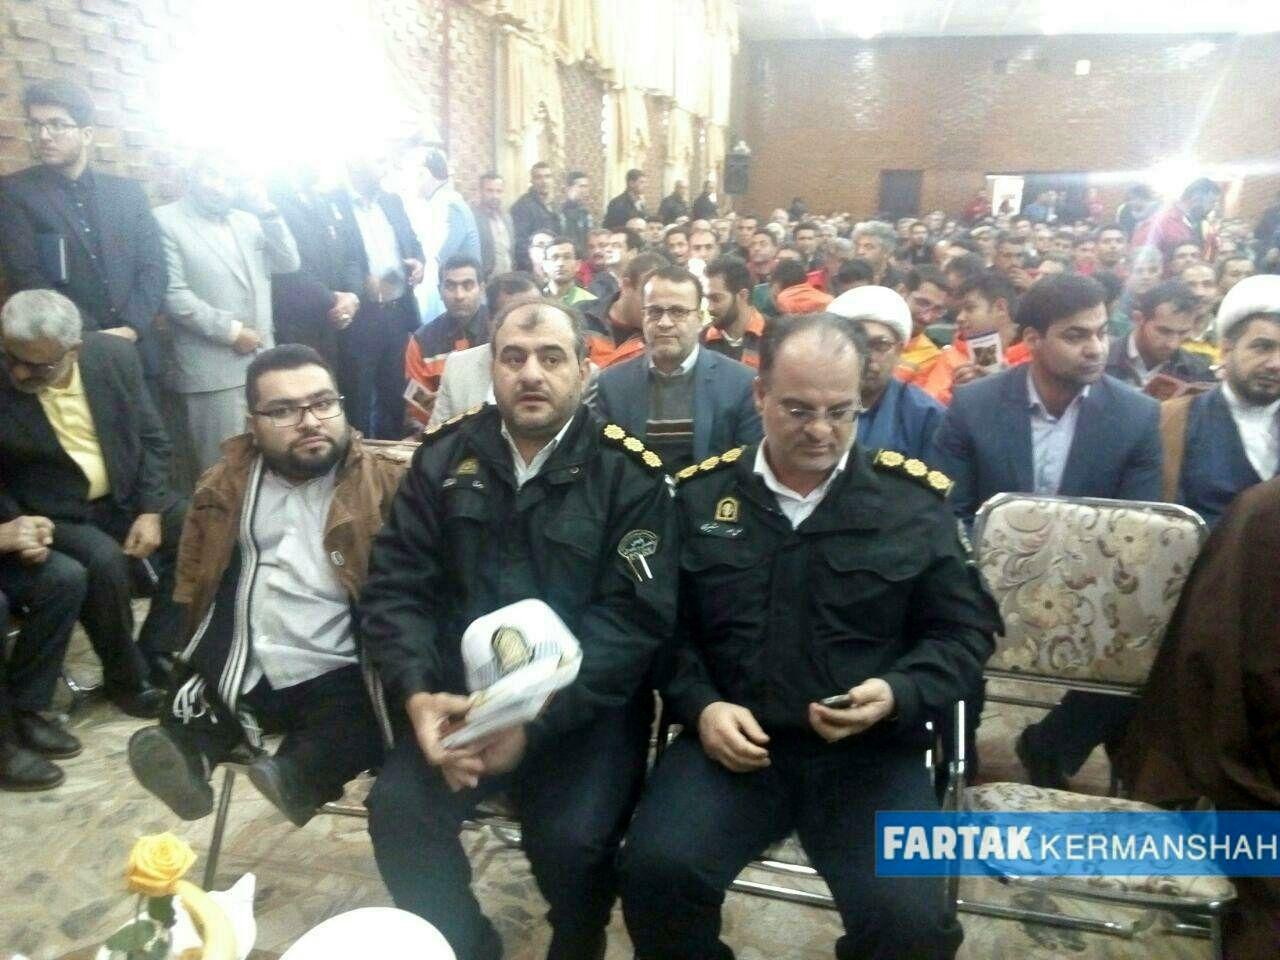 مراسم تودیع و معارفه شهردار کرمانشاه به روایت تصویر